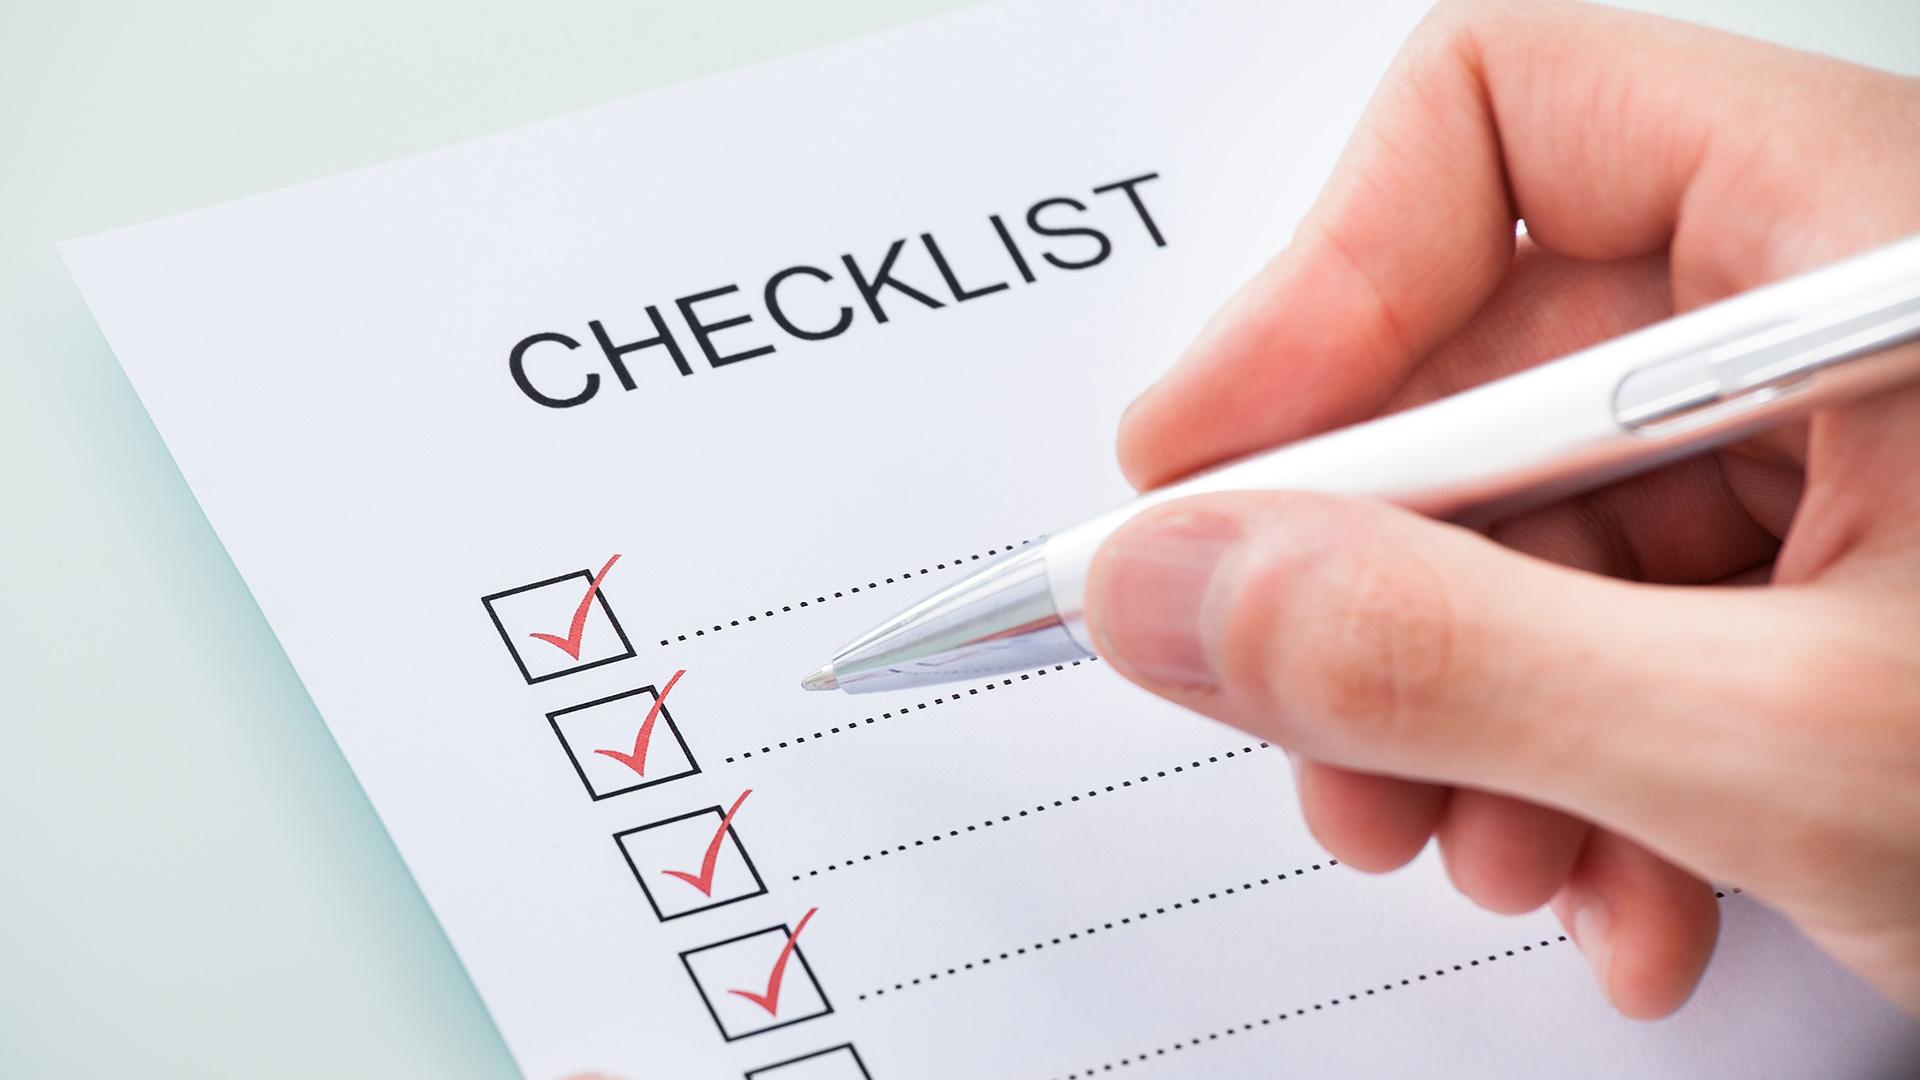 Checklist gợi ý cách khắc phục rớt hạng SEO